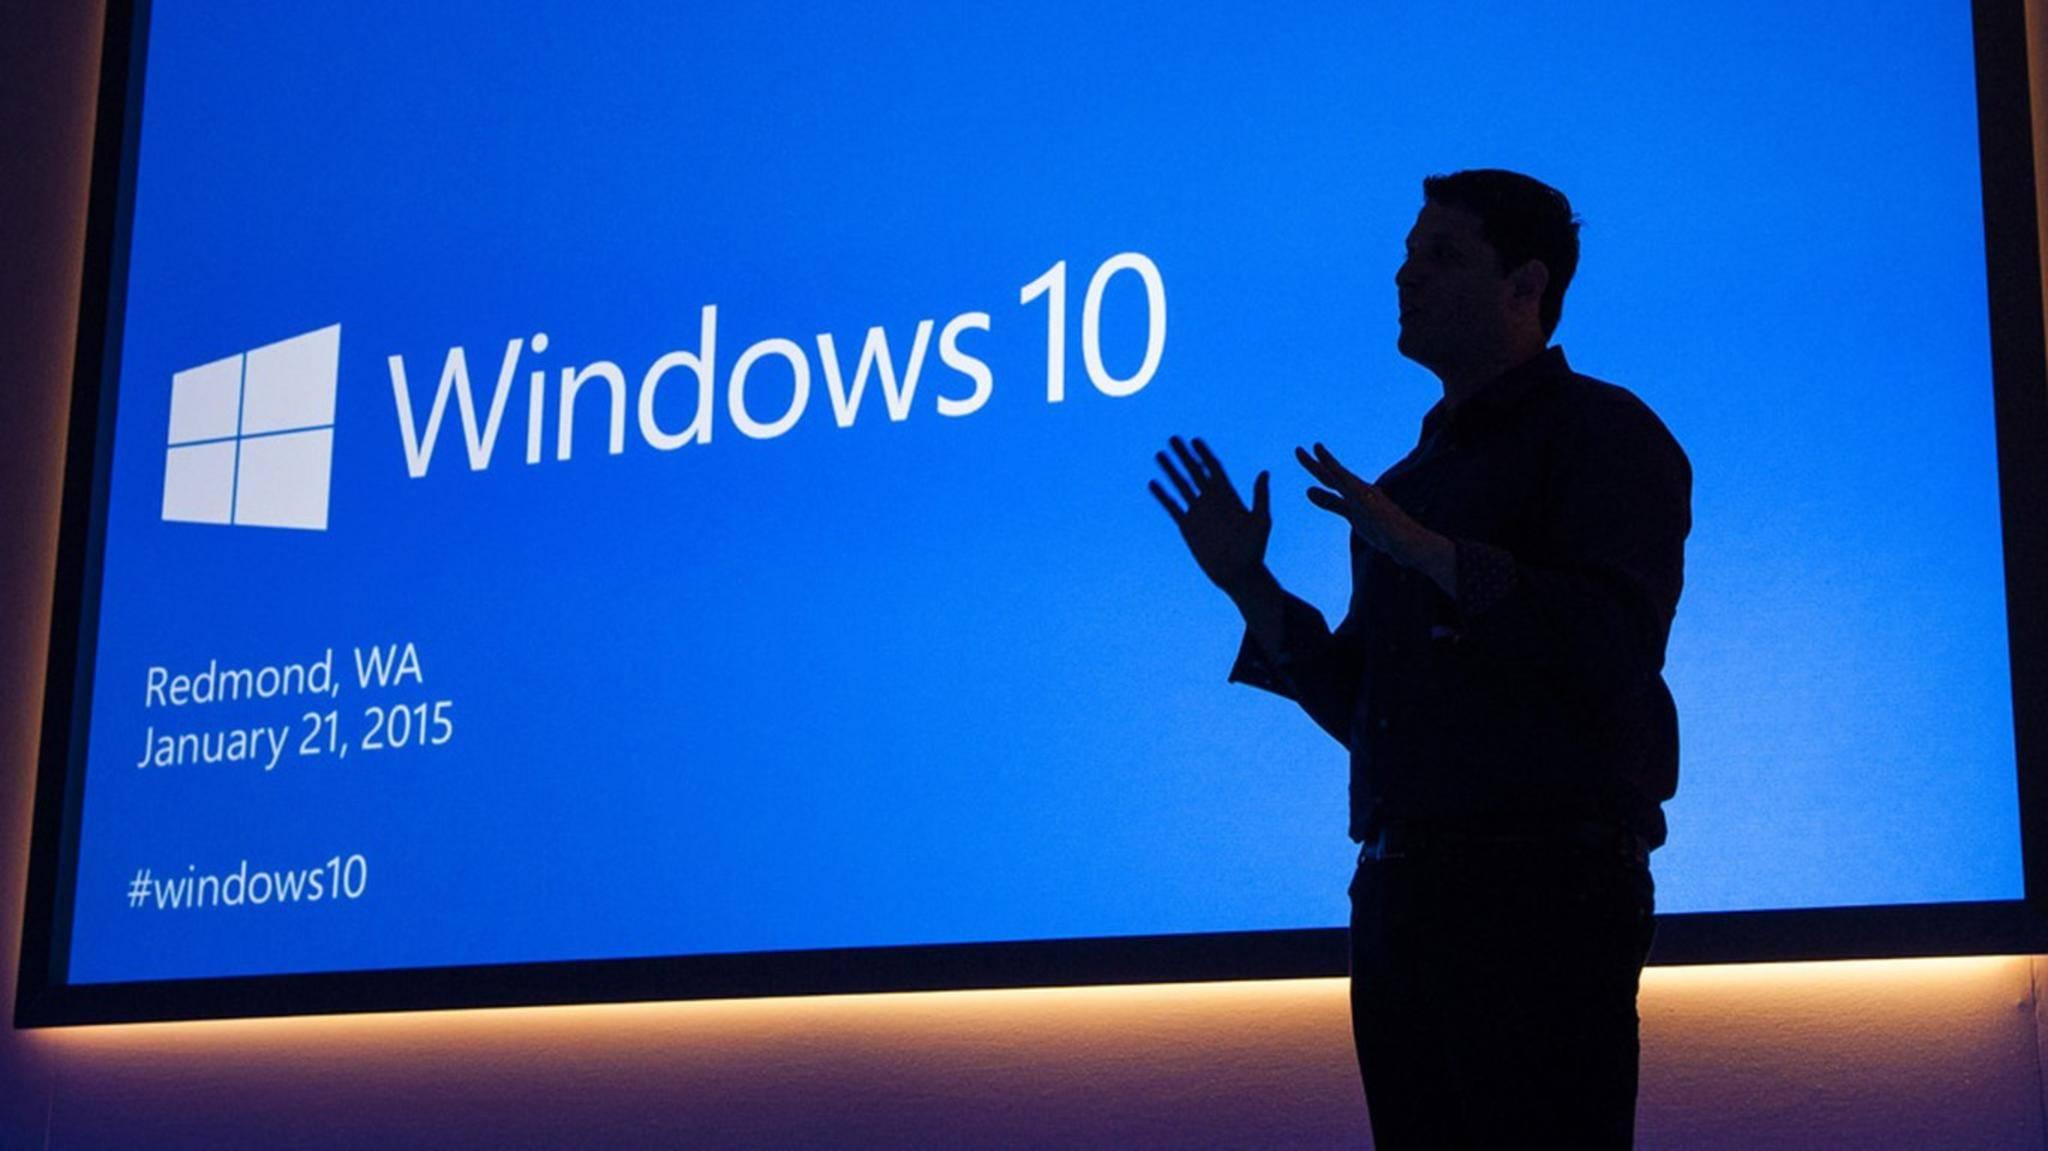 Die OEM-Version kommt ohne Anleitung, Datenträger und Microsoft-Support.